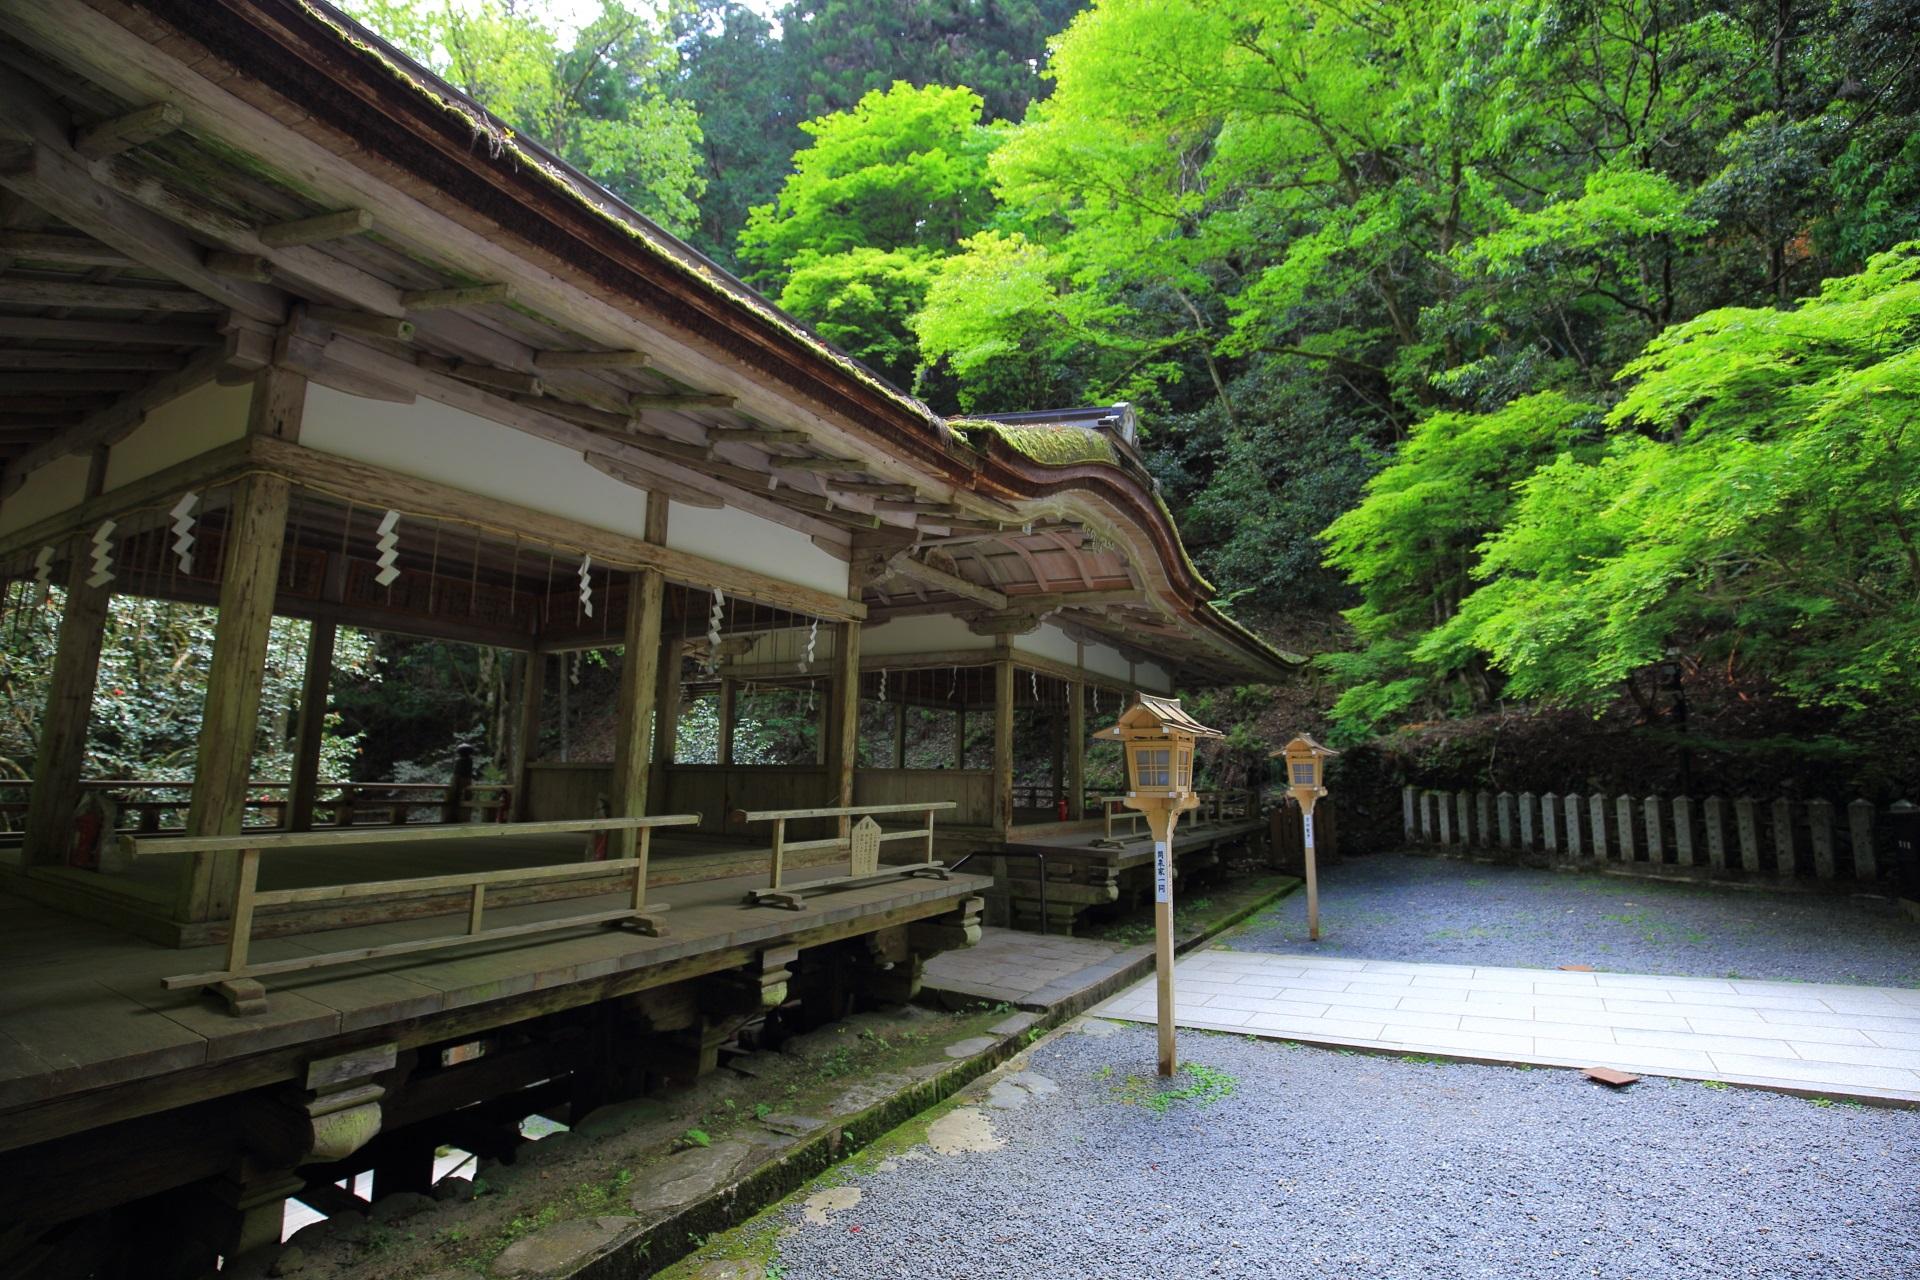 鮮やかな緑につつまれた由岐神社の拝殿